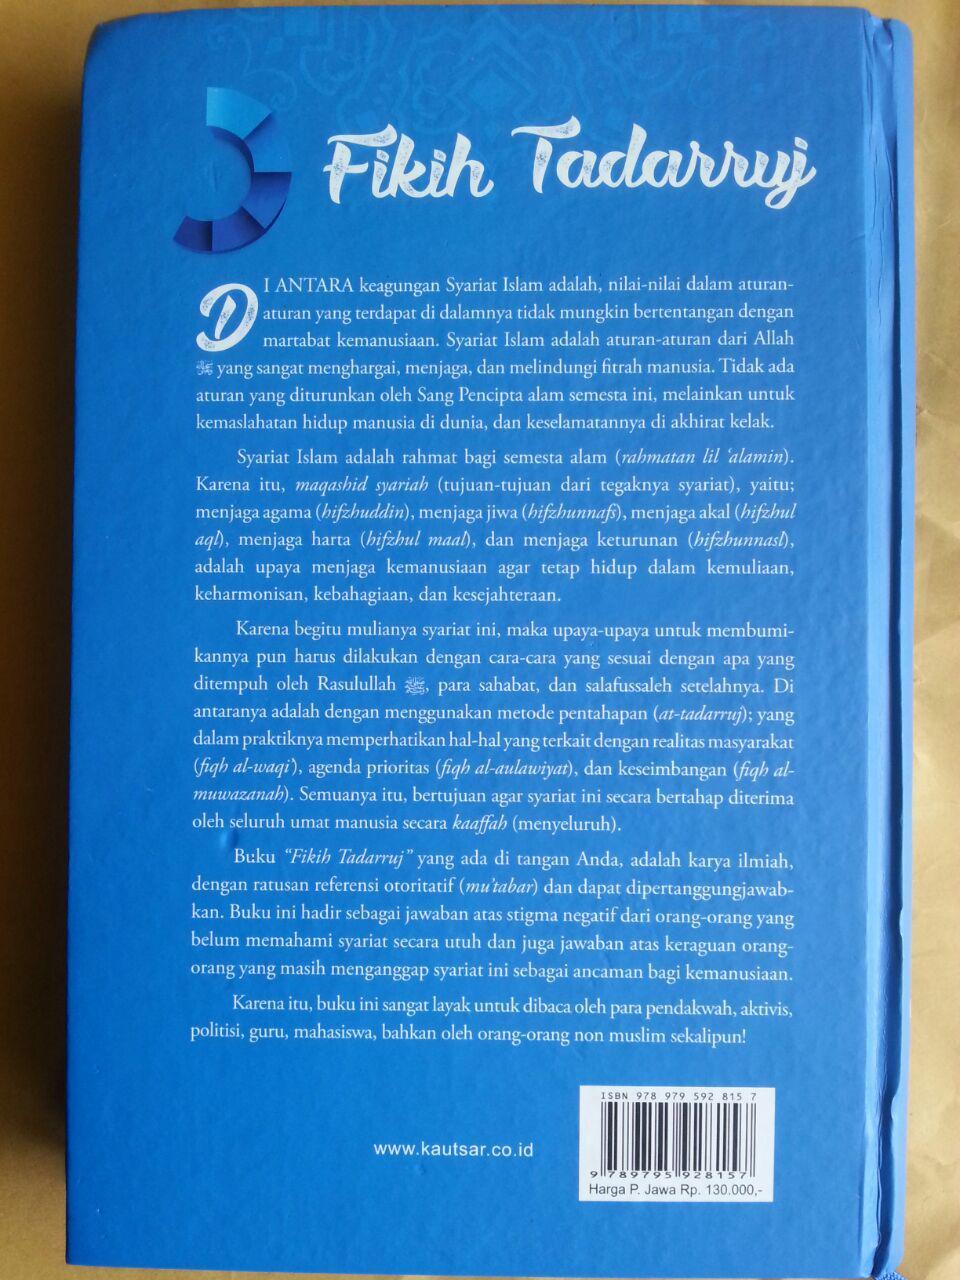 Buku Fikih Tadarruj Tahapan-Tahapan Dalam Membumikan Syariat Islam cover 2